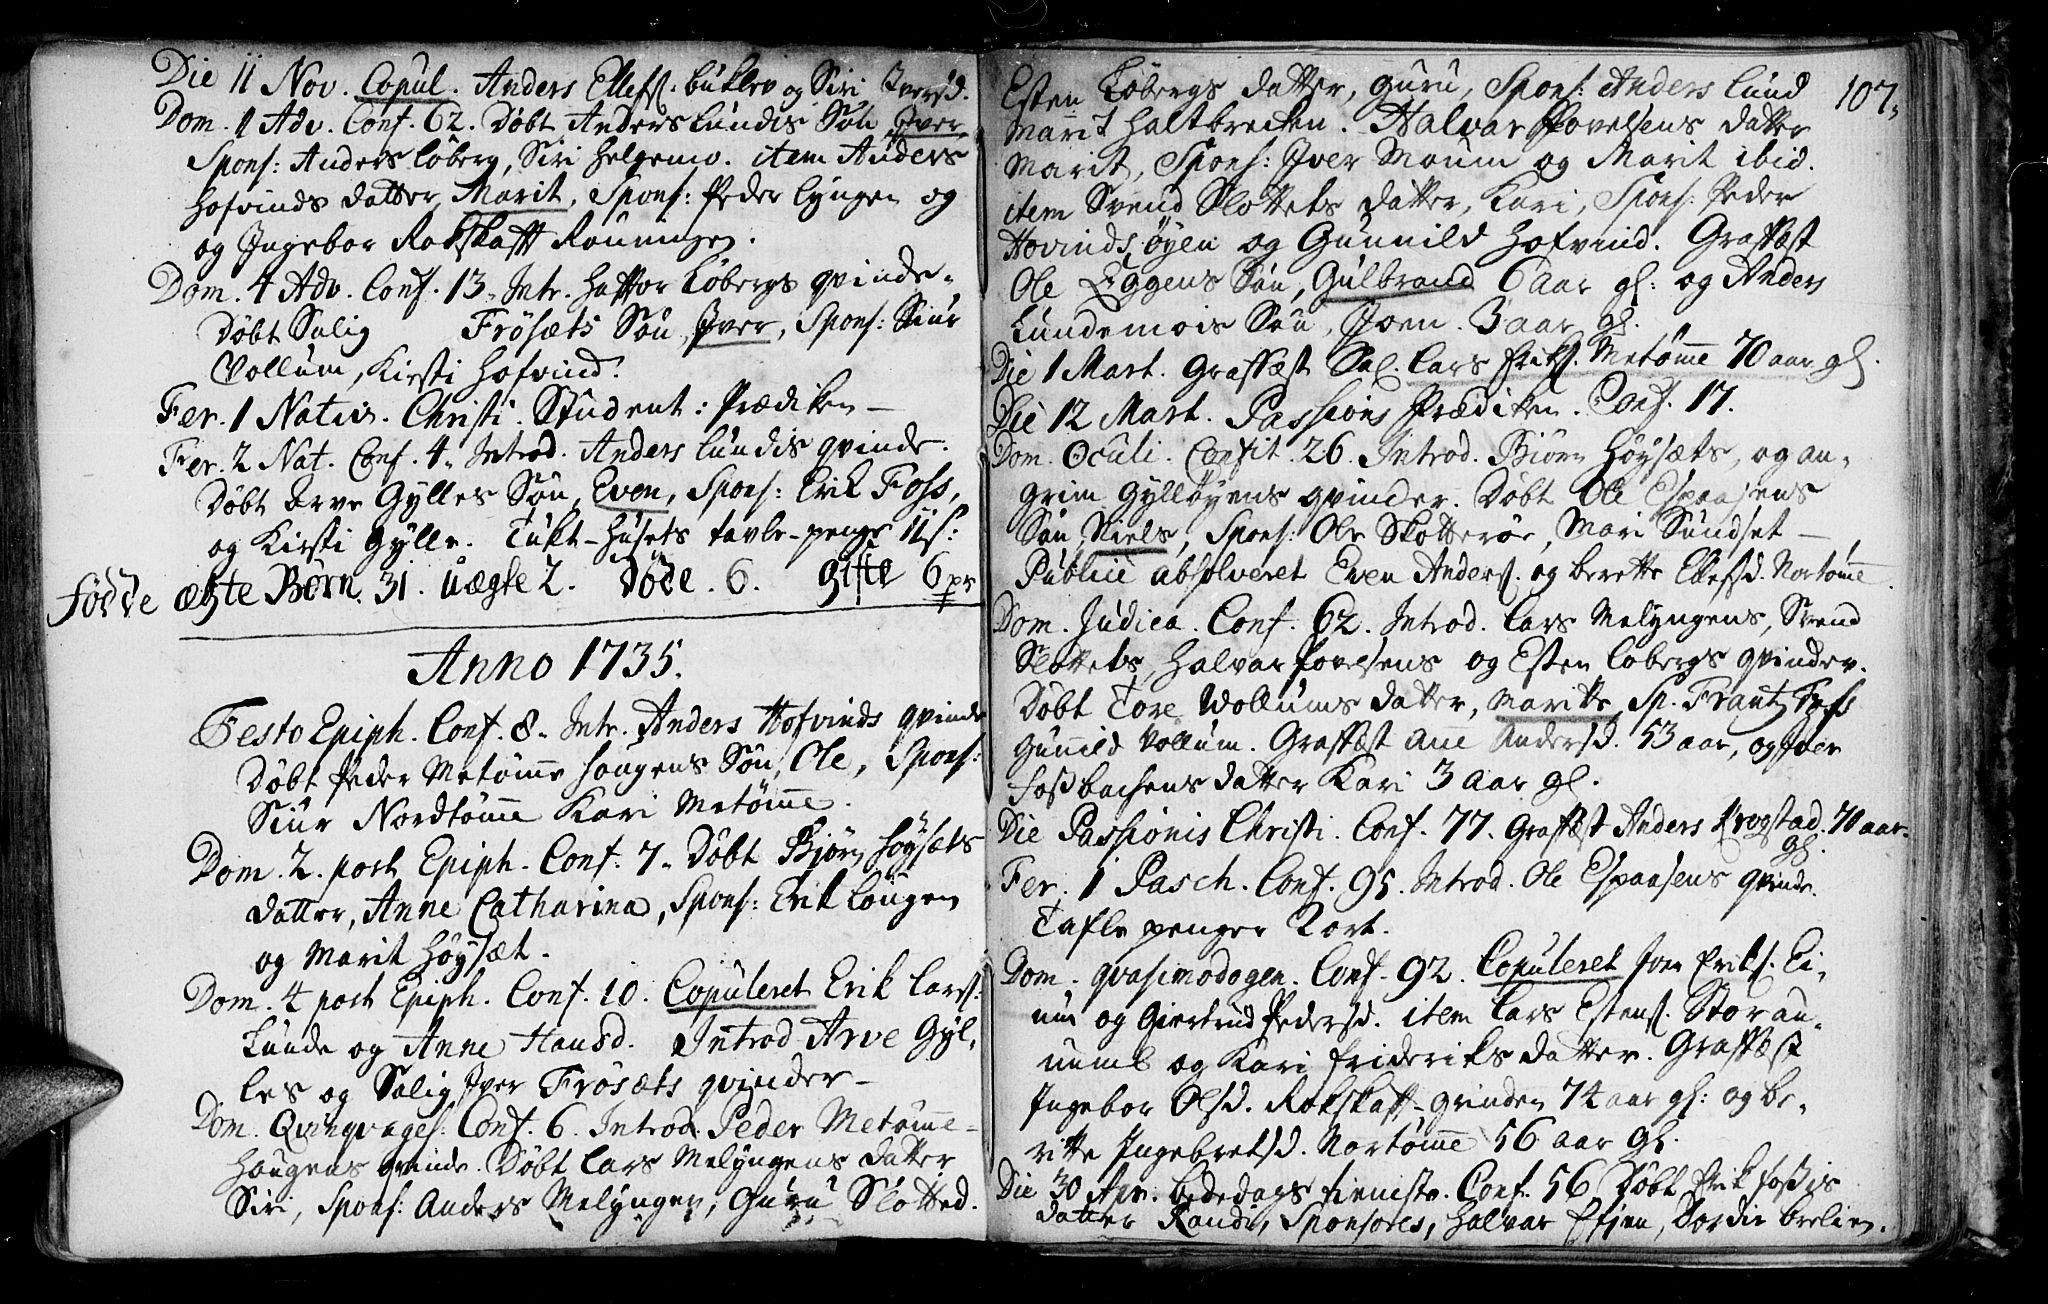 SAT, Ministerialprotokoller, klokkerbøker og fødselsregistre - Sør-Trøndelag, 692/L1101: Ministerialbok nr. 692A01, 1690-1746, s. 107